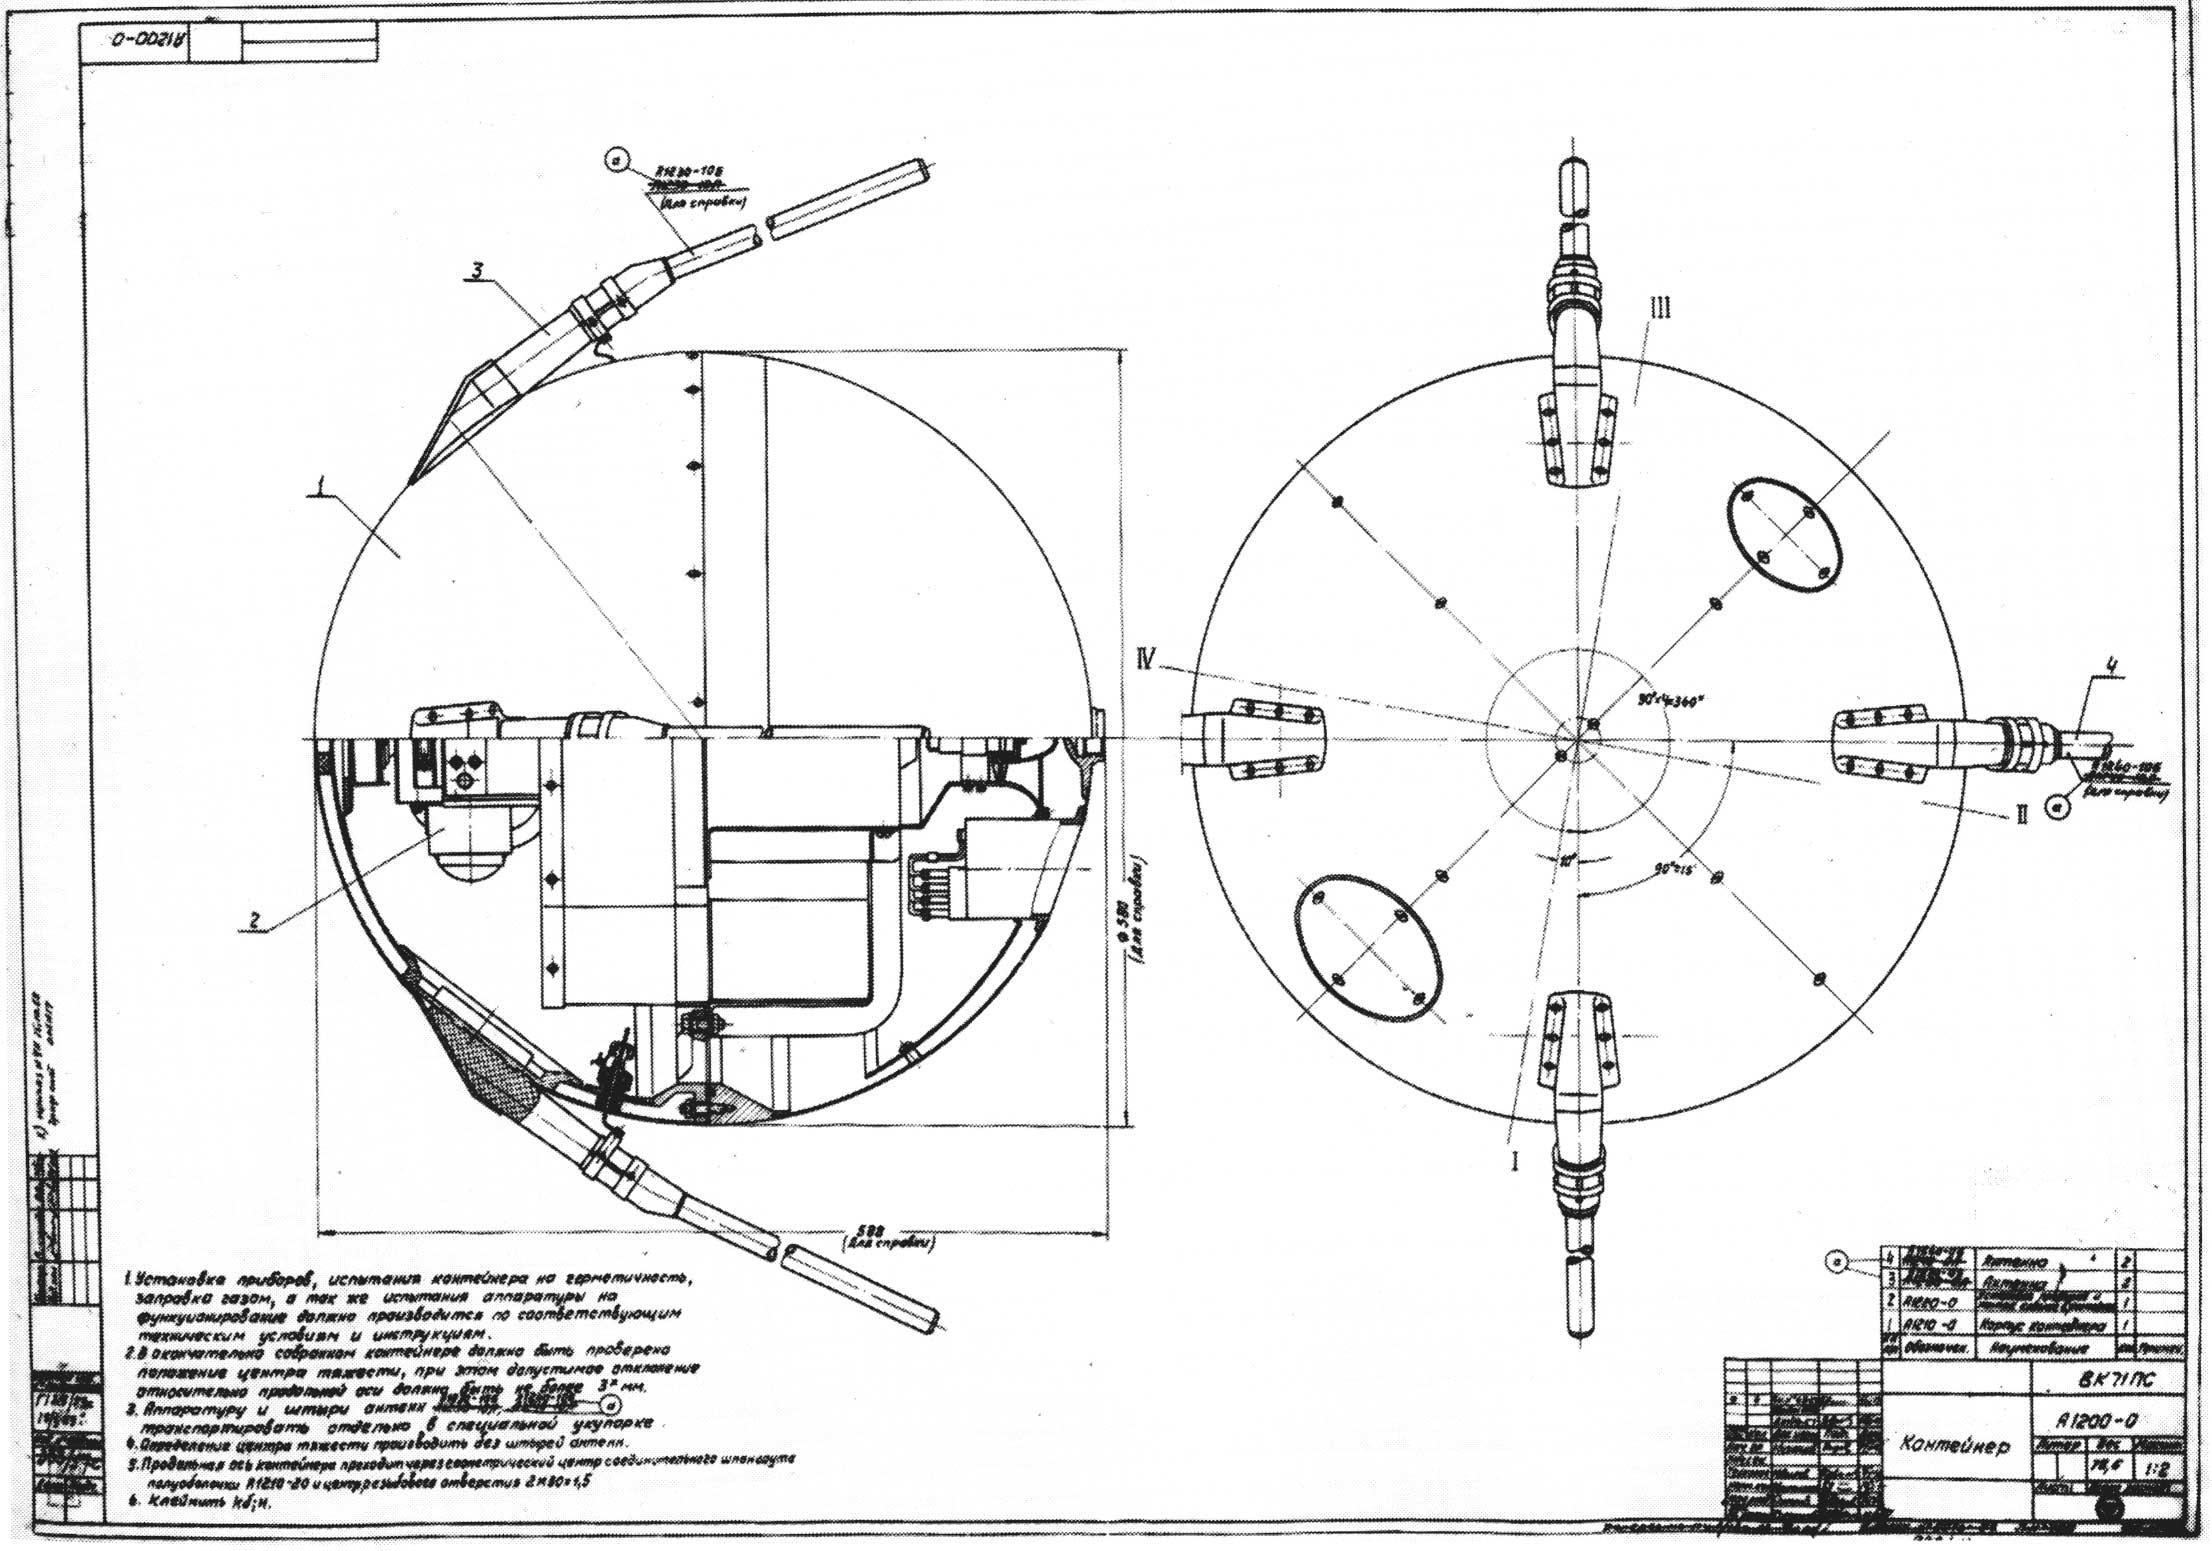 Искусственные спутники Земли (ИСЗ) космические летательные аппараты, выведенные на орбиты вокруг Земли и...